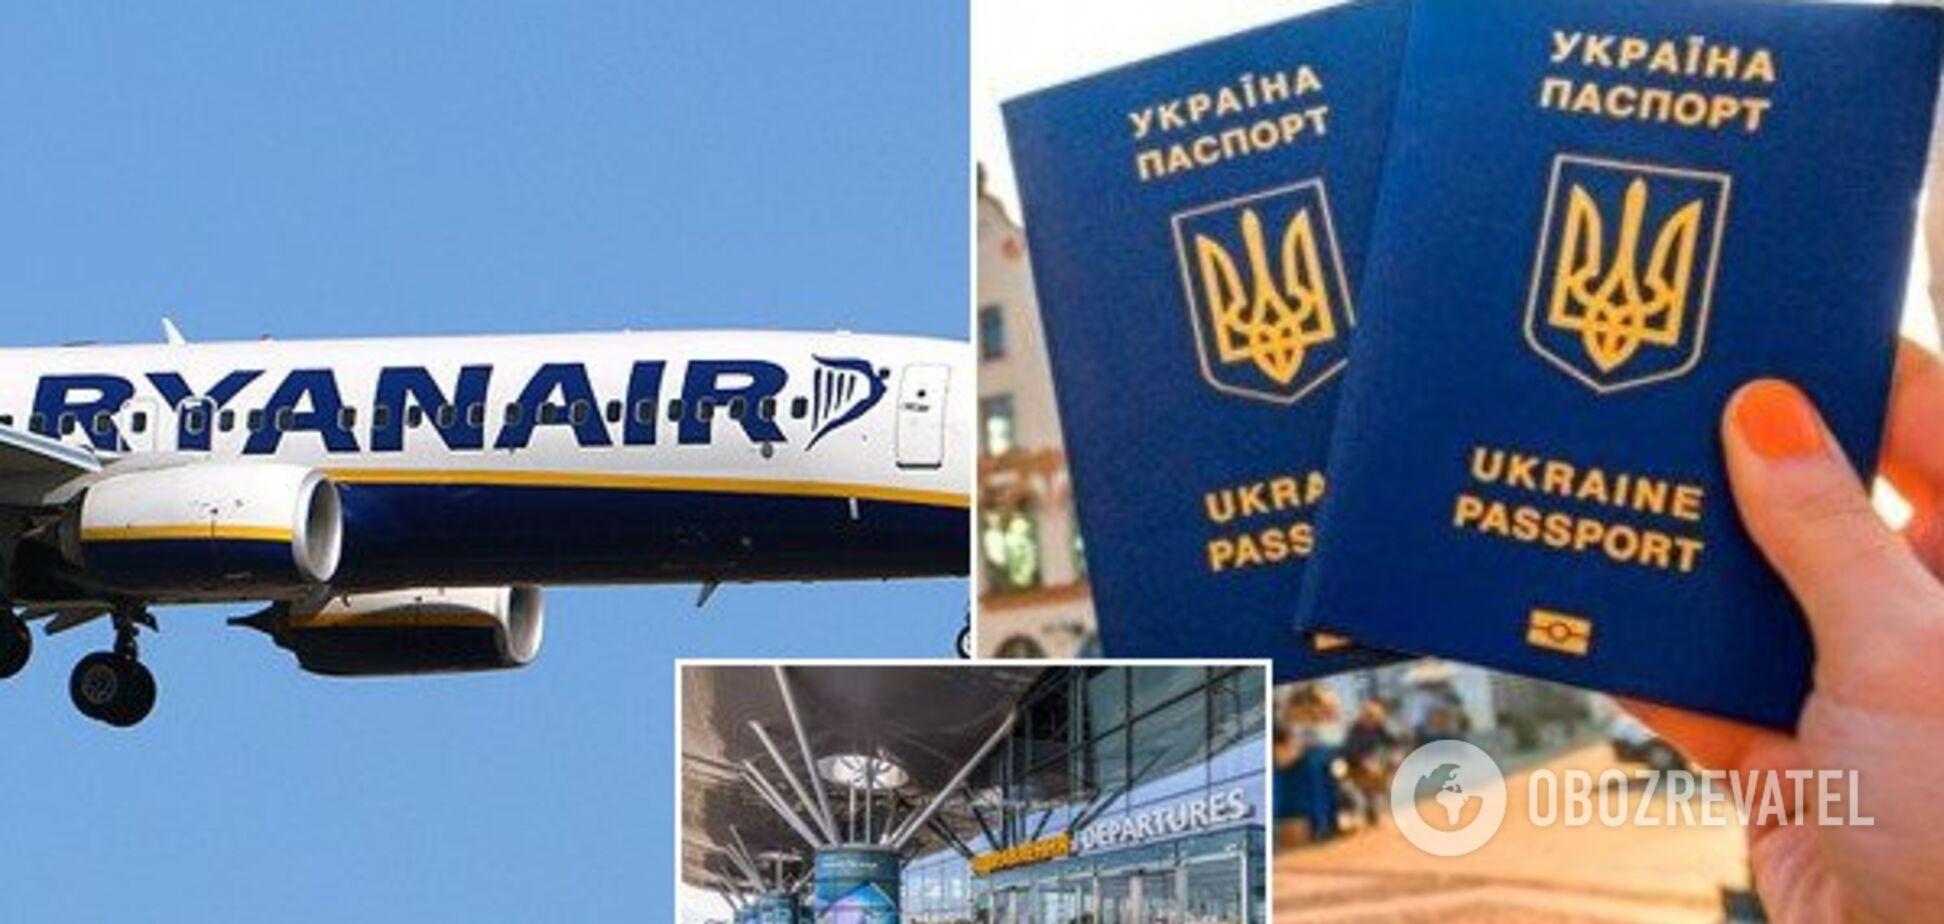 Украинцы смогут полететь в Европу за 10 евро: лоукостер объявил масштабную распродажу